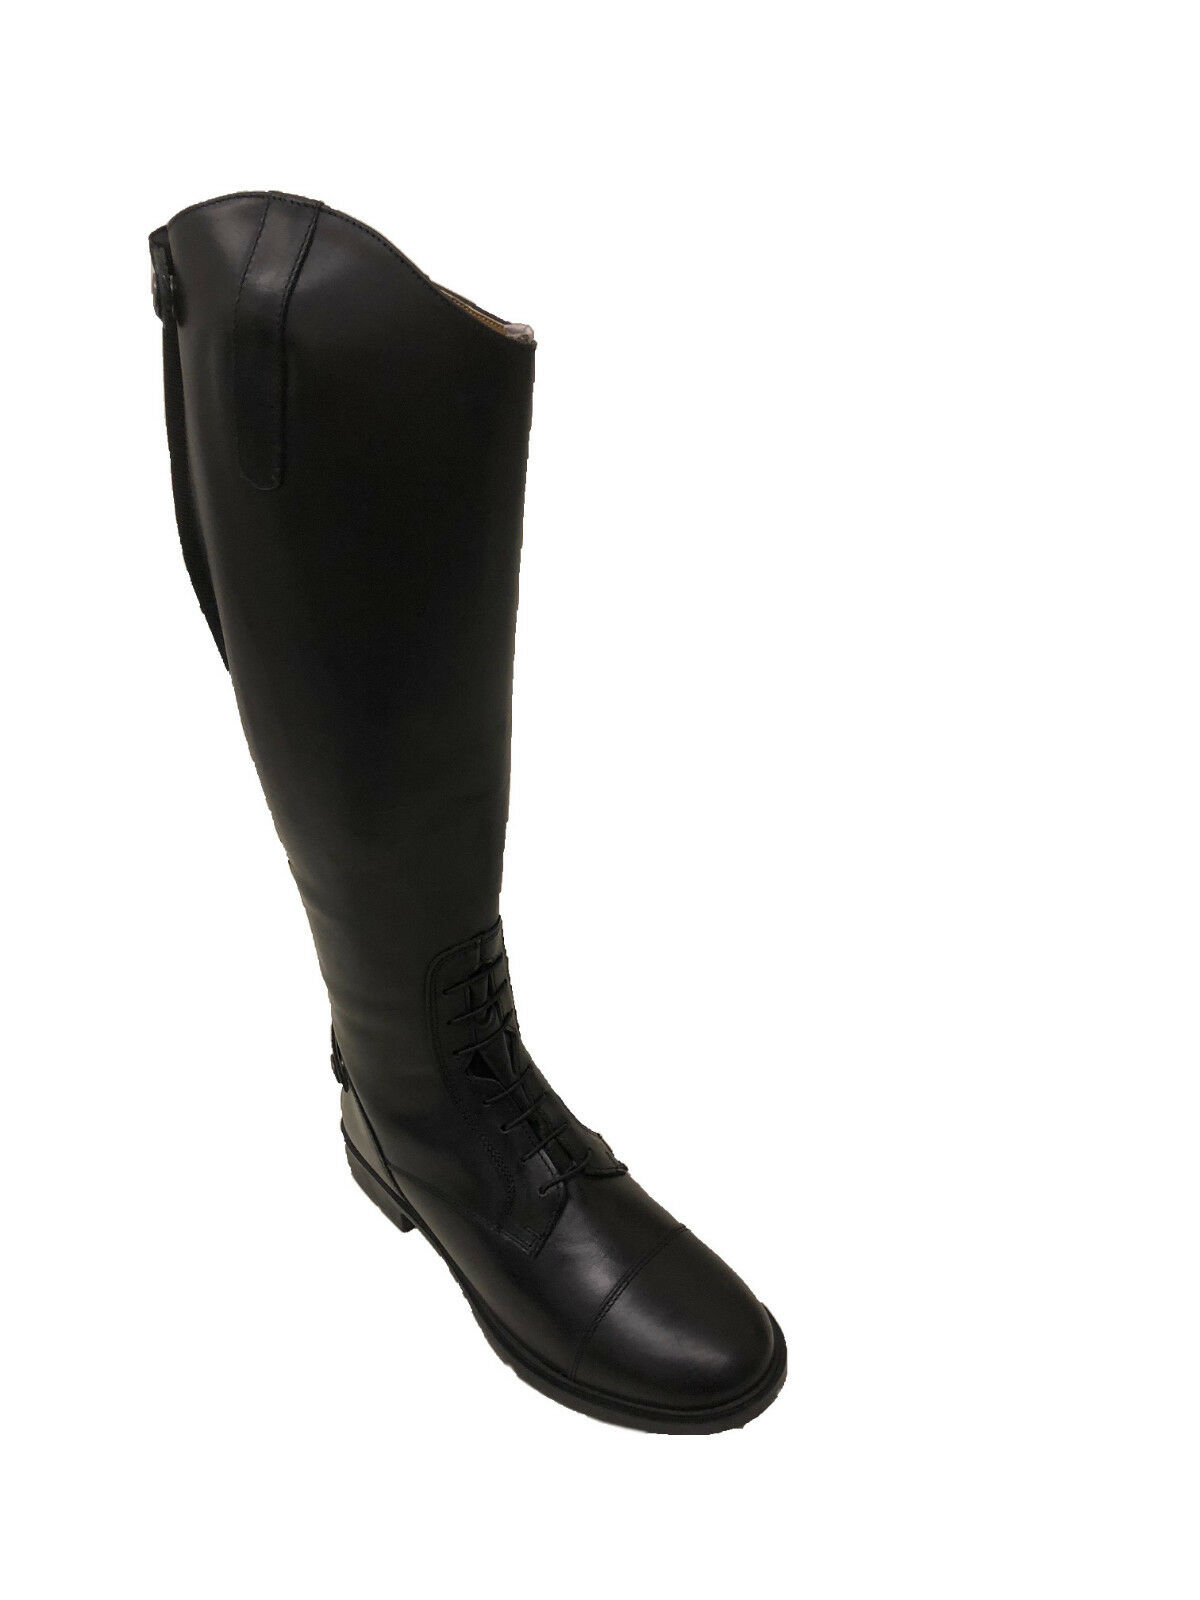 STEEDS Reitstiefel Favourite schwarz Größe 38, Reit Stiefel